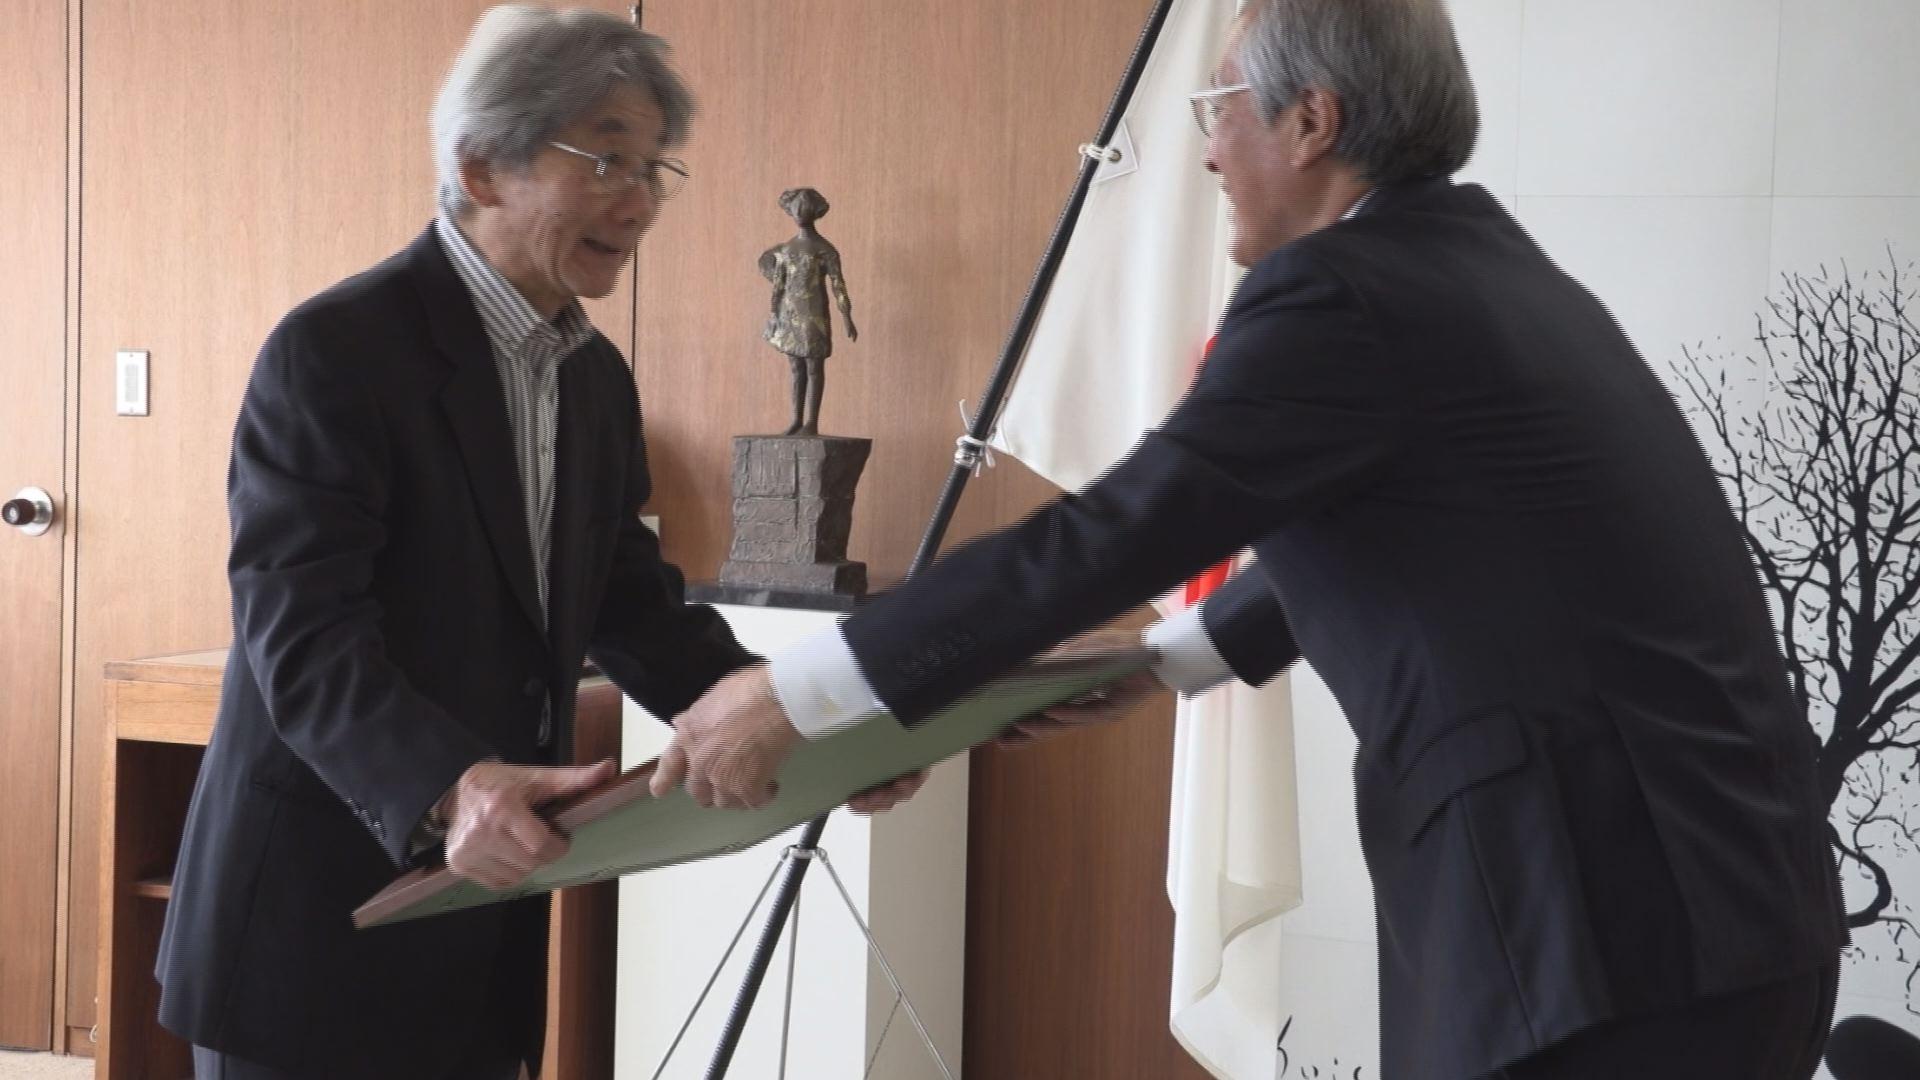 彫刻家の峯田敏郎さんが紺綬褒章を受章!   ニュース   上越妙高タウン情報